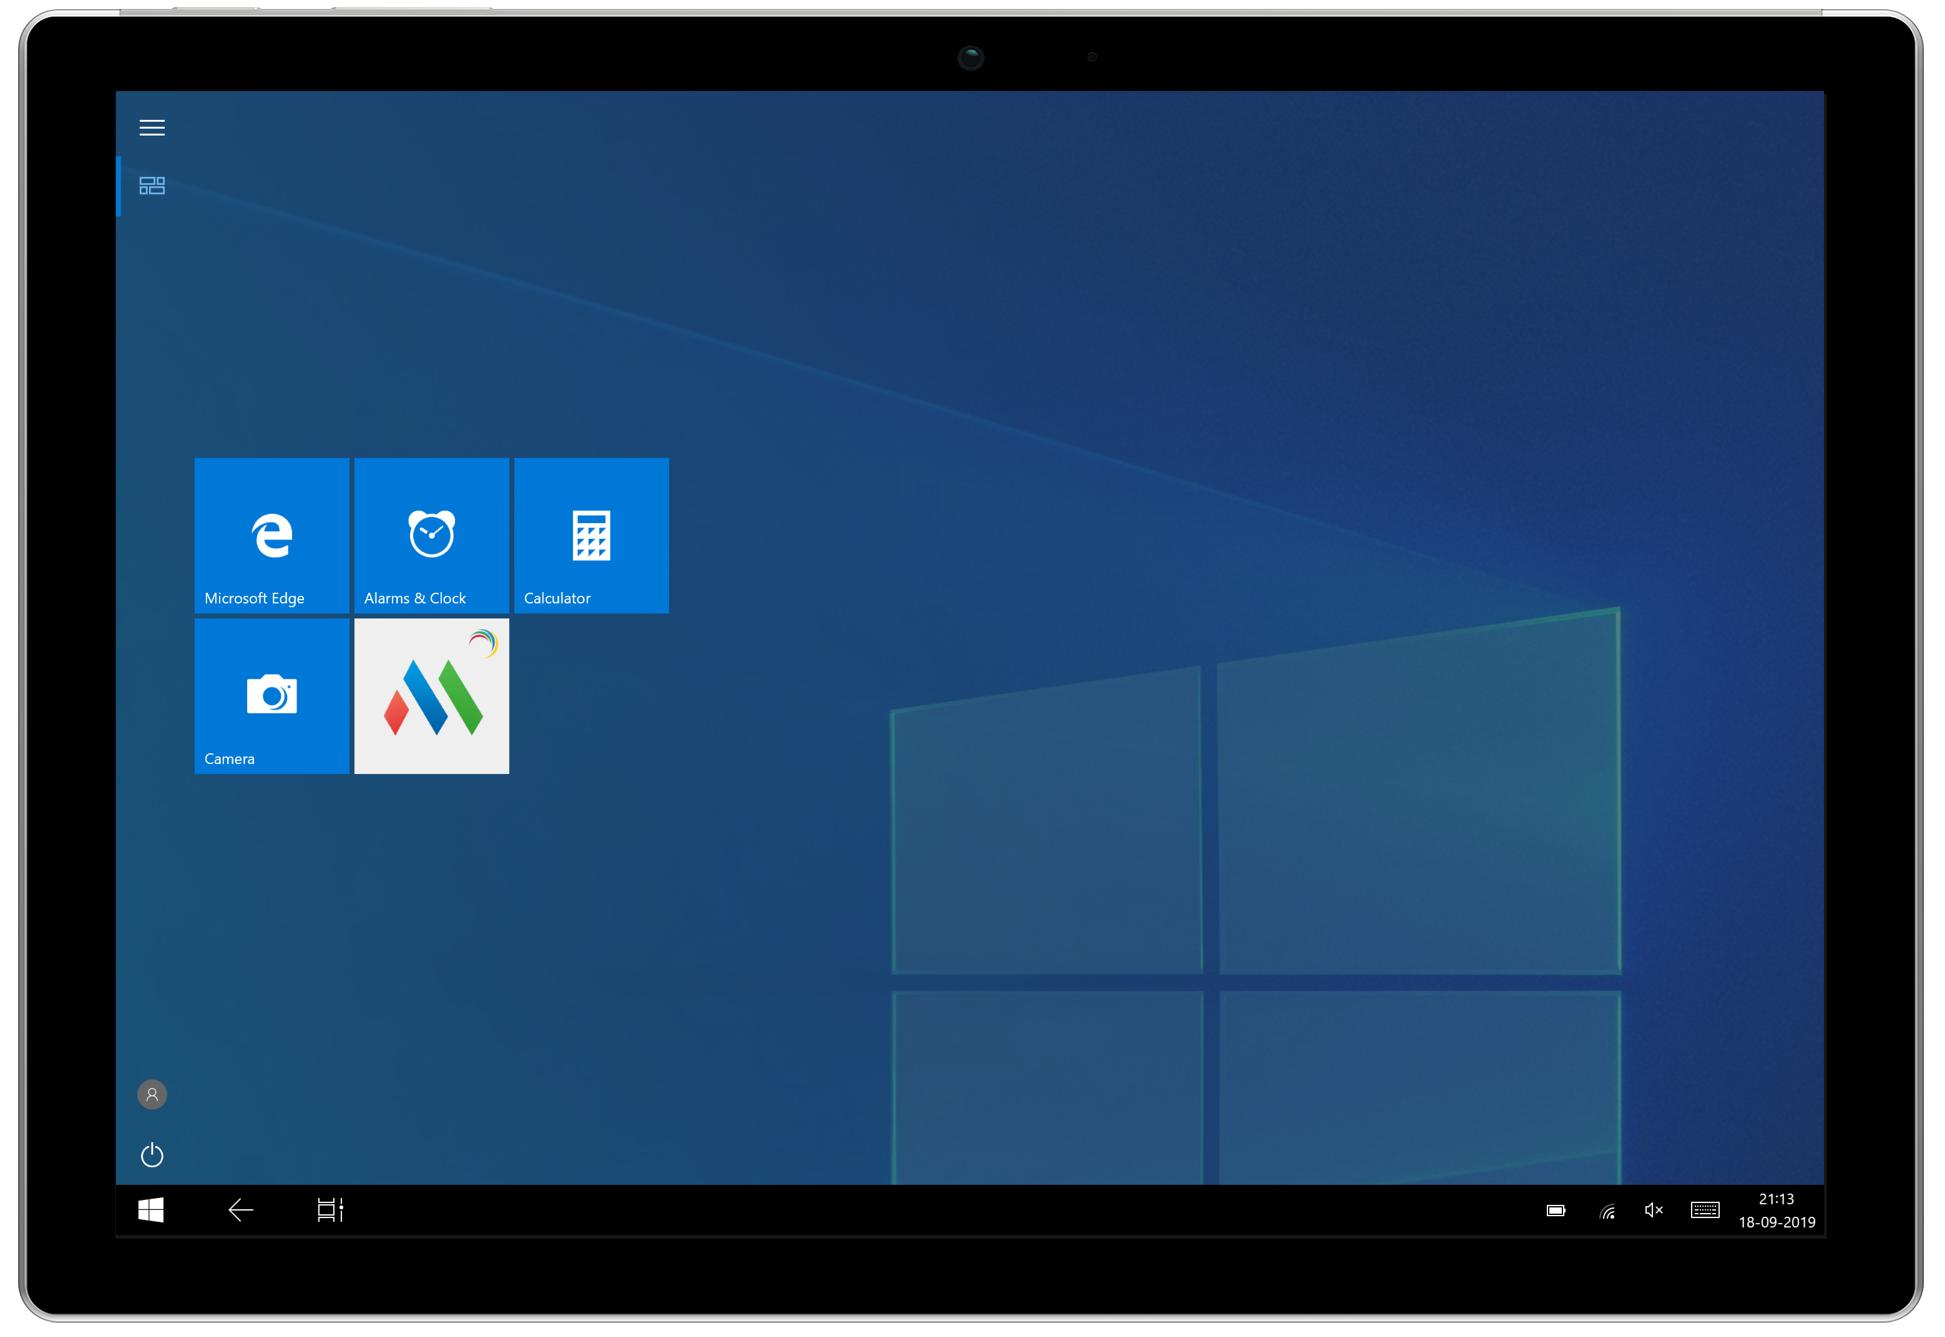 MDM as the Kiosk software for multi-app Kiosk Mode on Win10